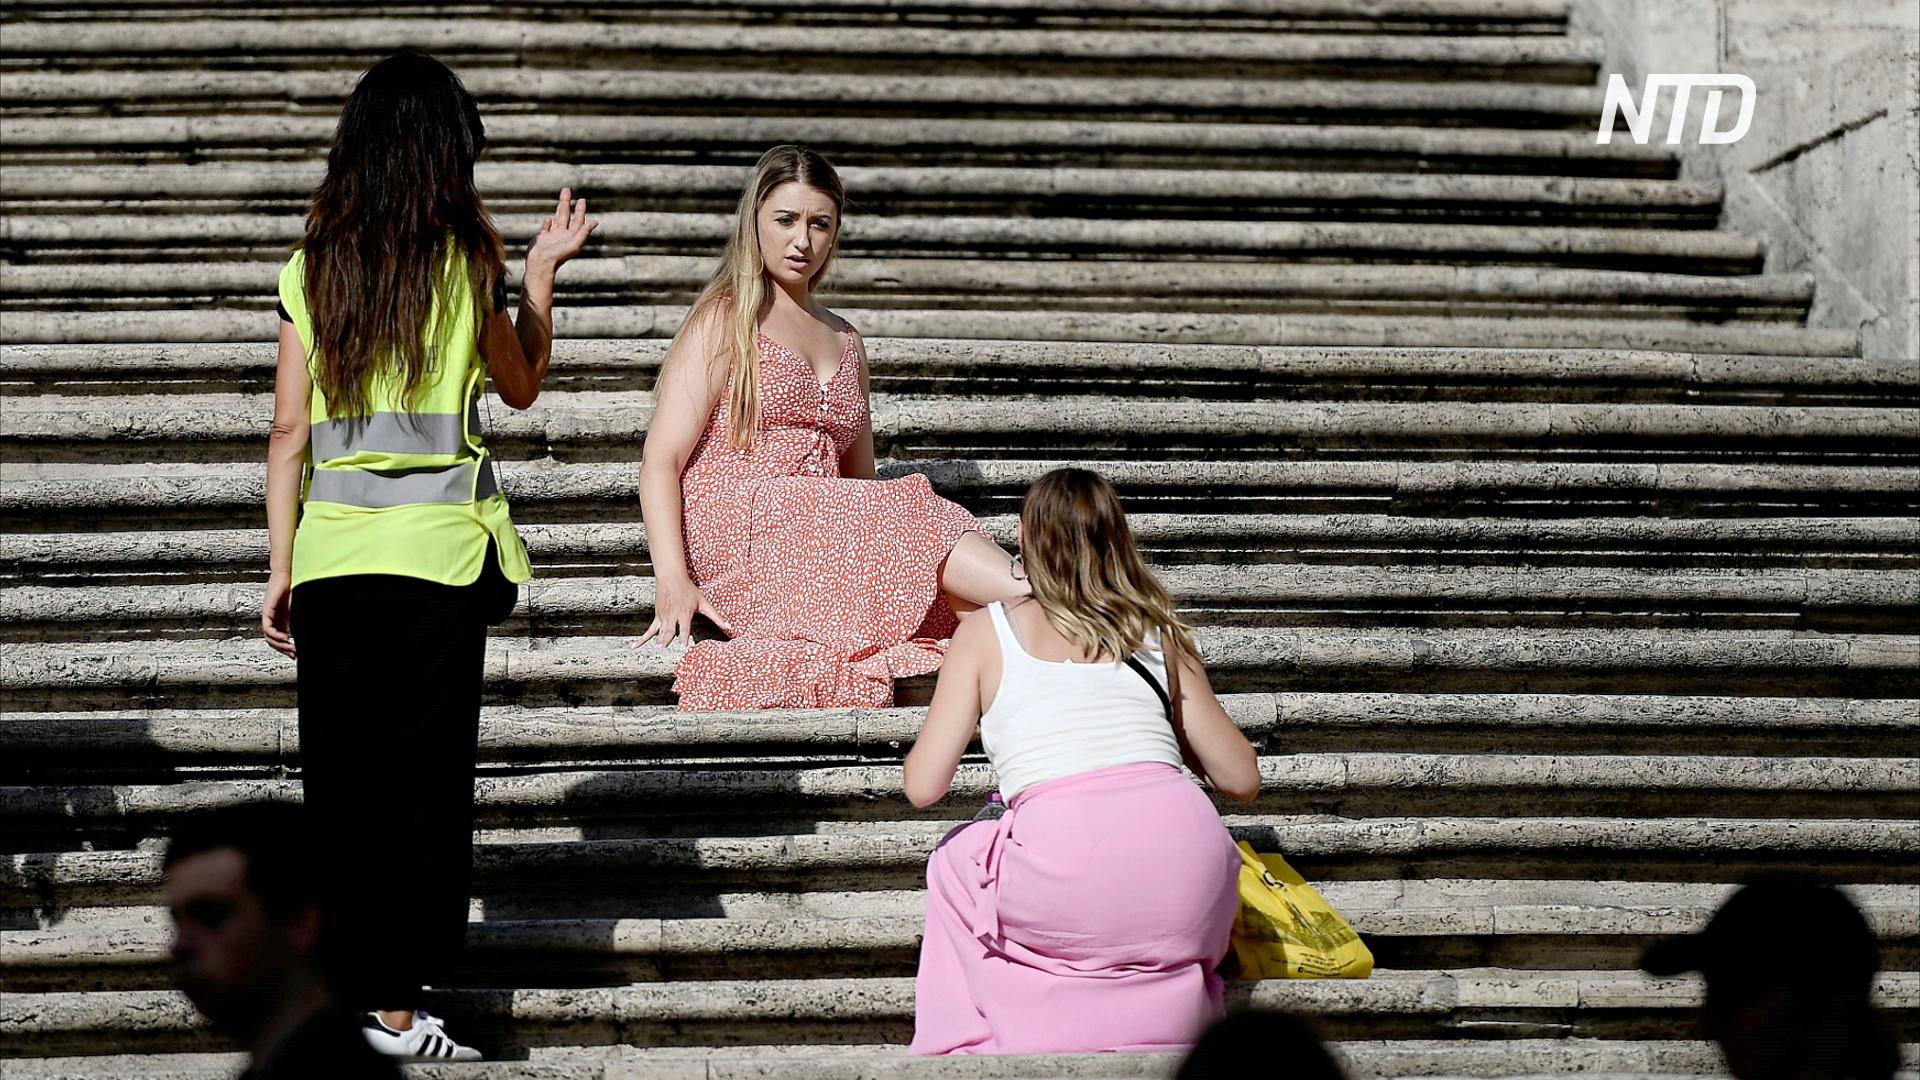 Немалый штраф: в Риме запретили сидеть на Испанской лестнице